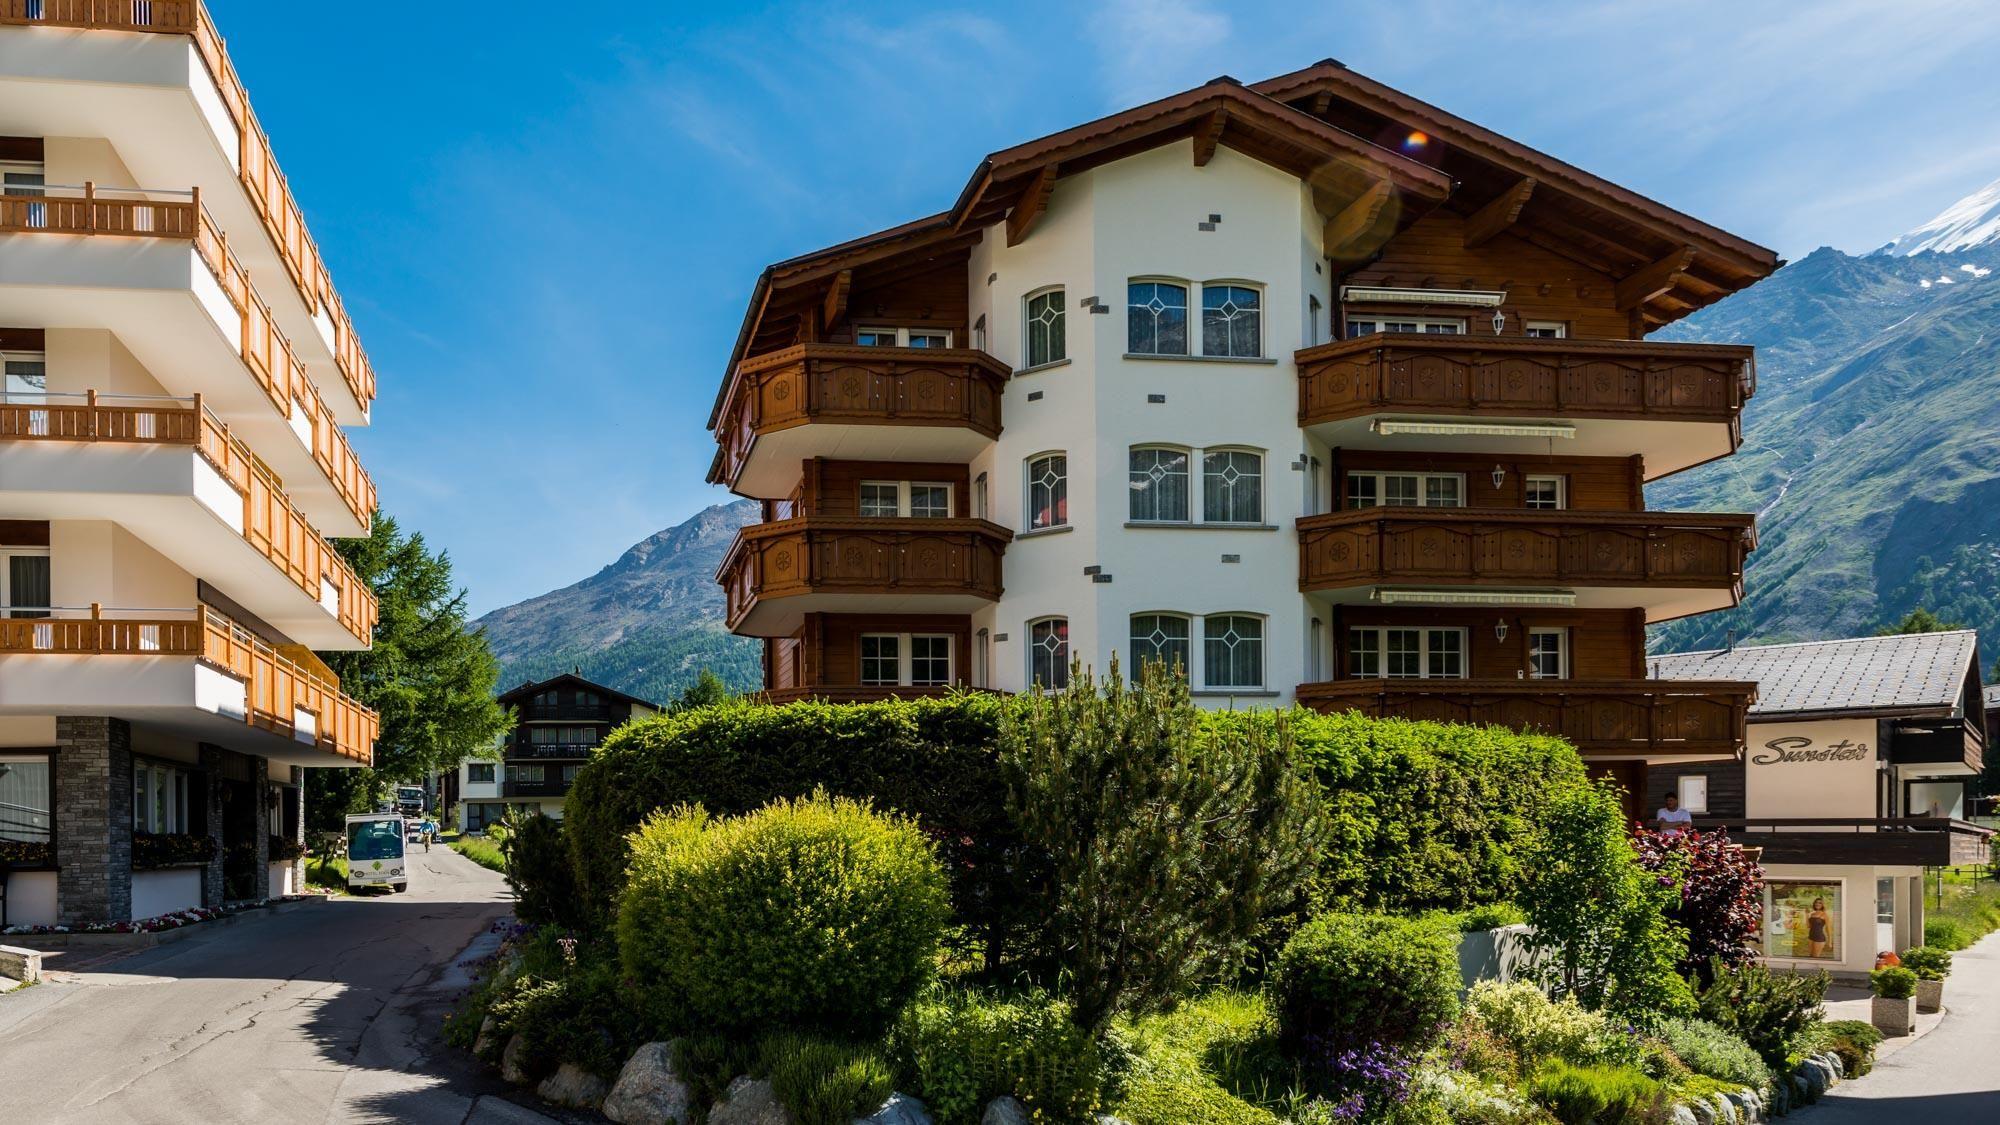 Haus Alpenglück